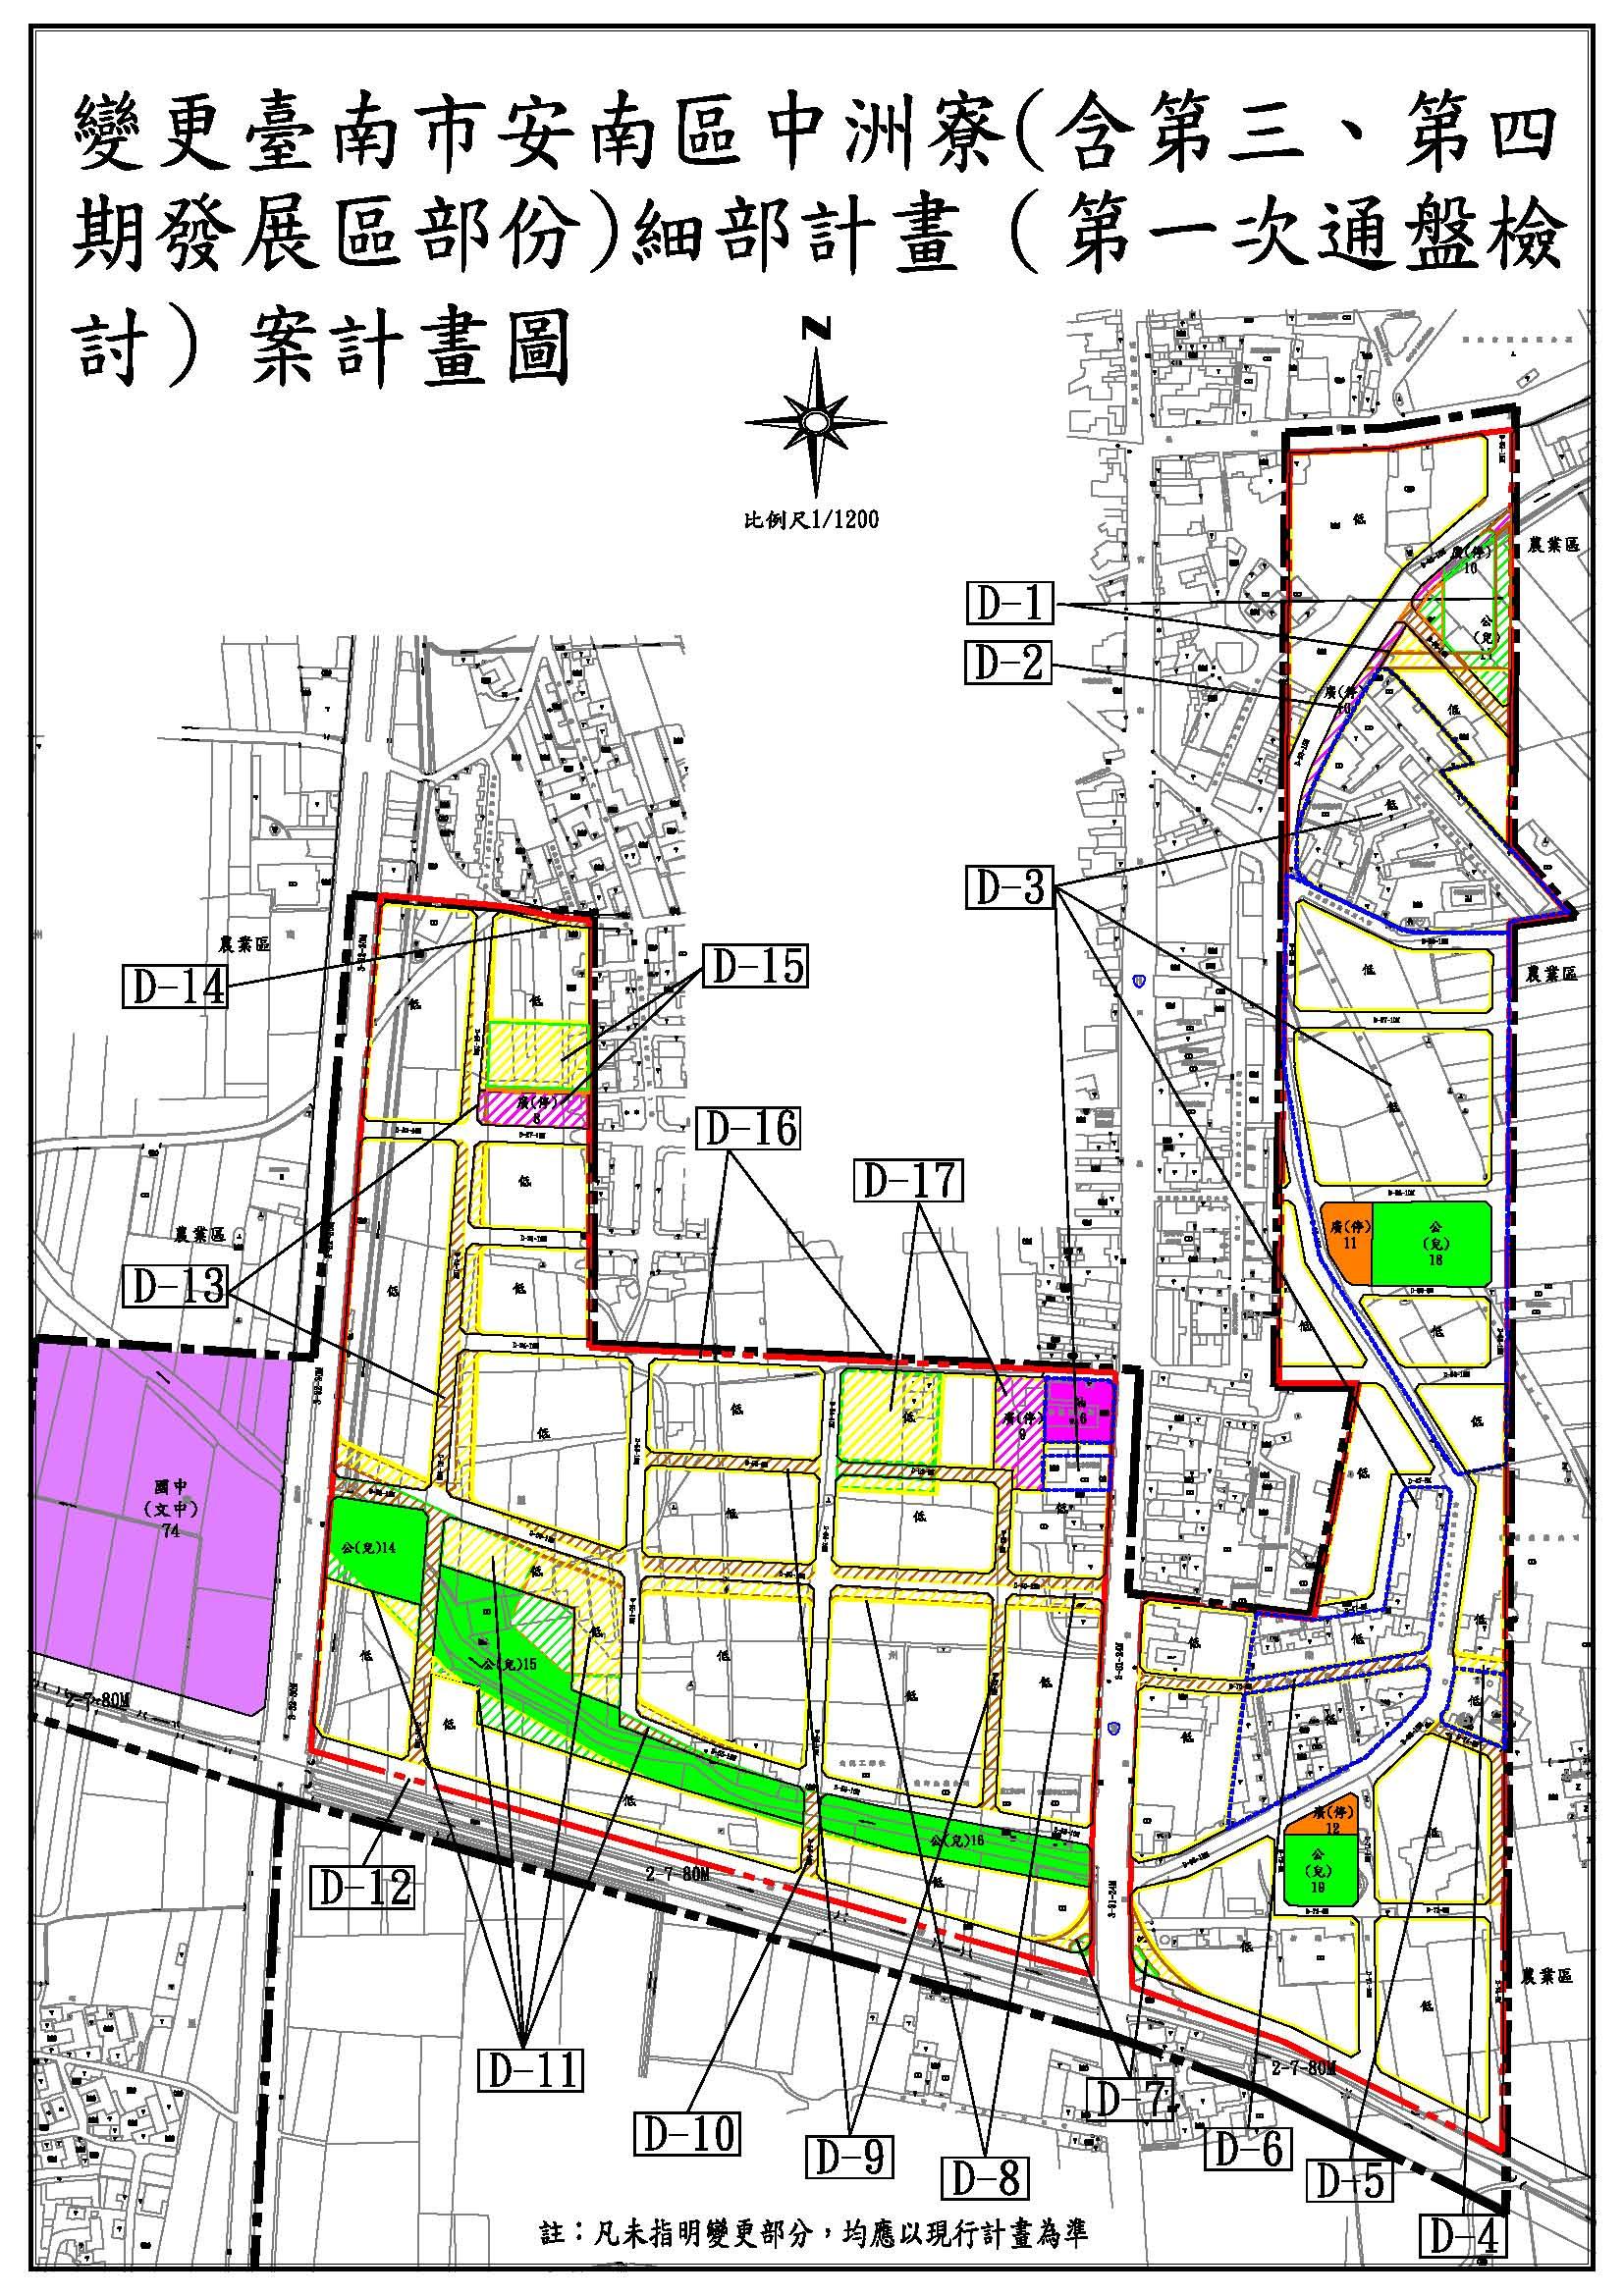 「變更台南市安南區中洲寮(含第三、四期發展區部分)細部計畫通盤檢討案」自98年3月31日起發布實施  1